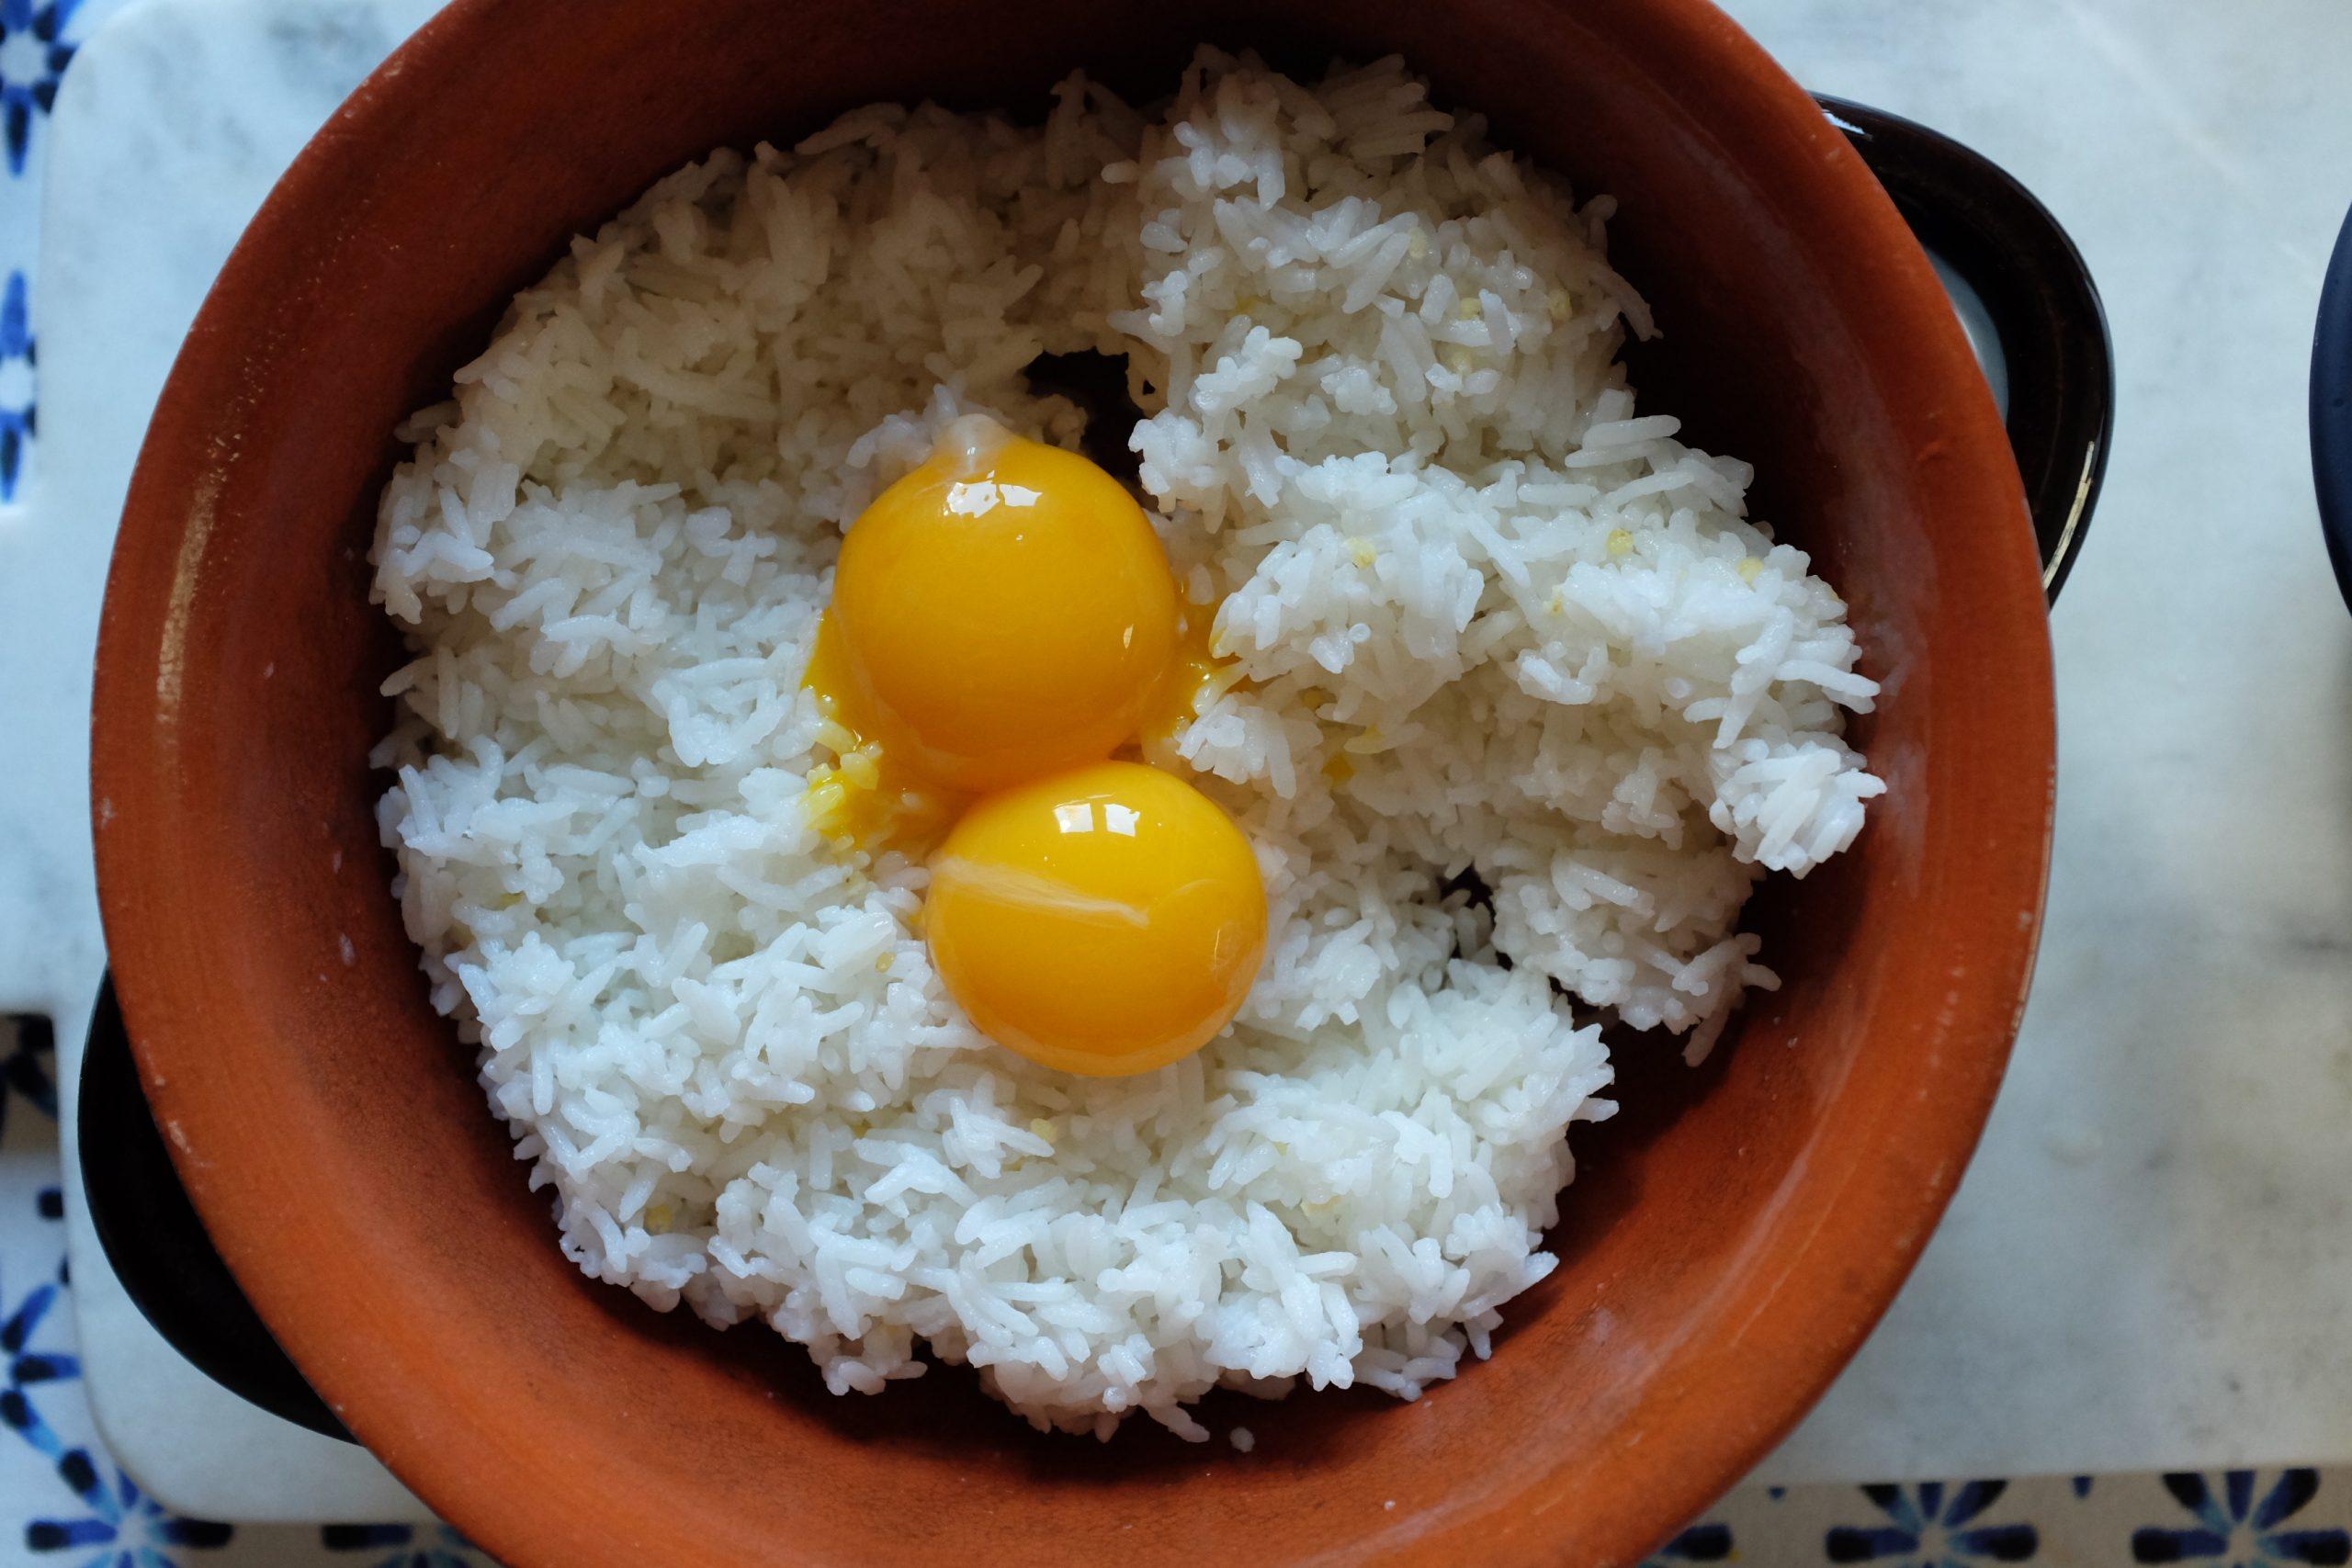 Metti il riso cotto il giorno prima in una ciotola. Spacca due uova e separa il tuorlo dall'albume. Gira il tuorlo nel riso uniformemente.